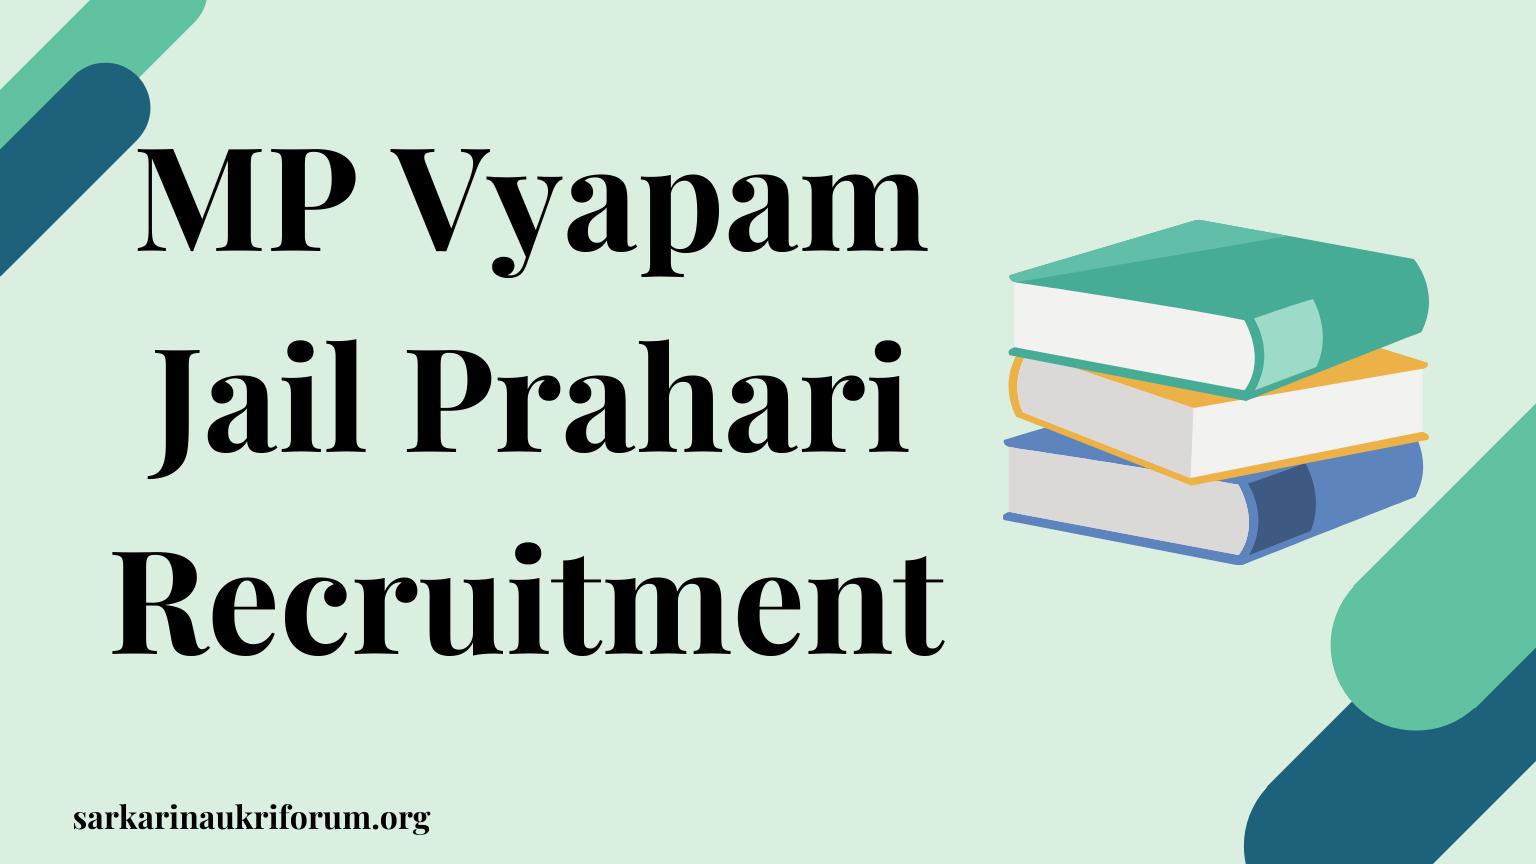 MP Vyapam Jail Prahari